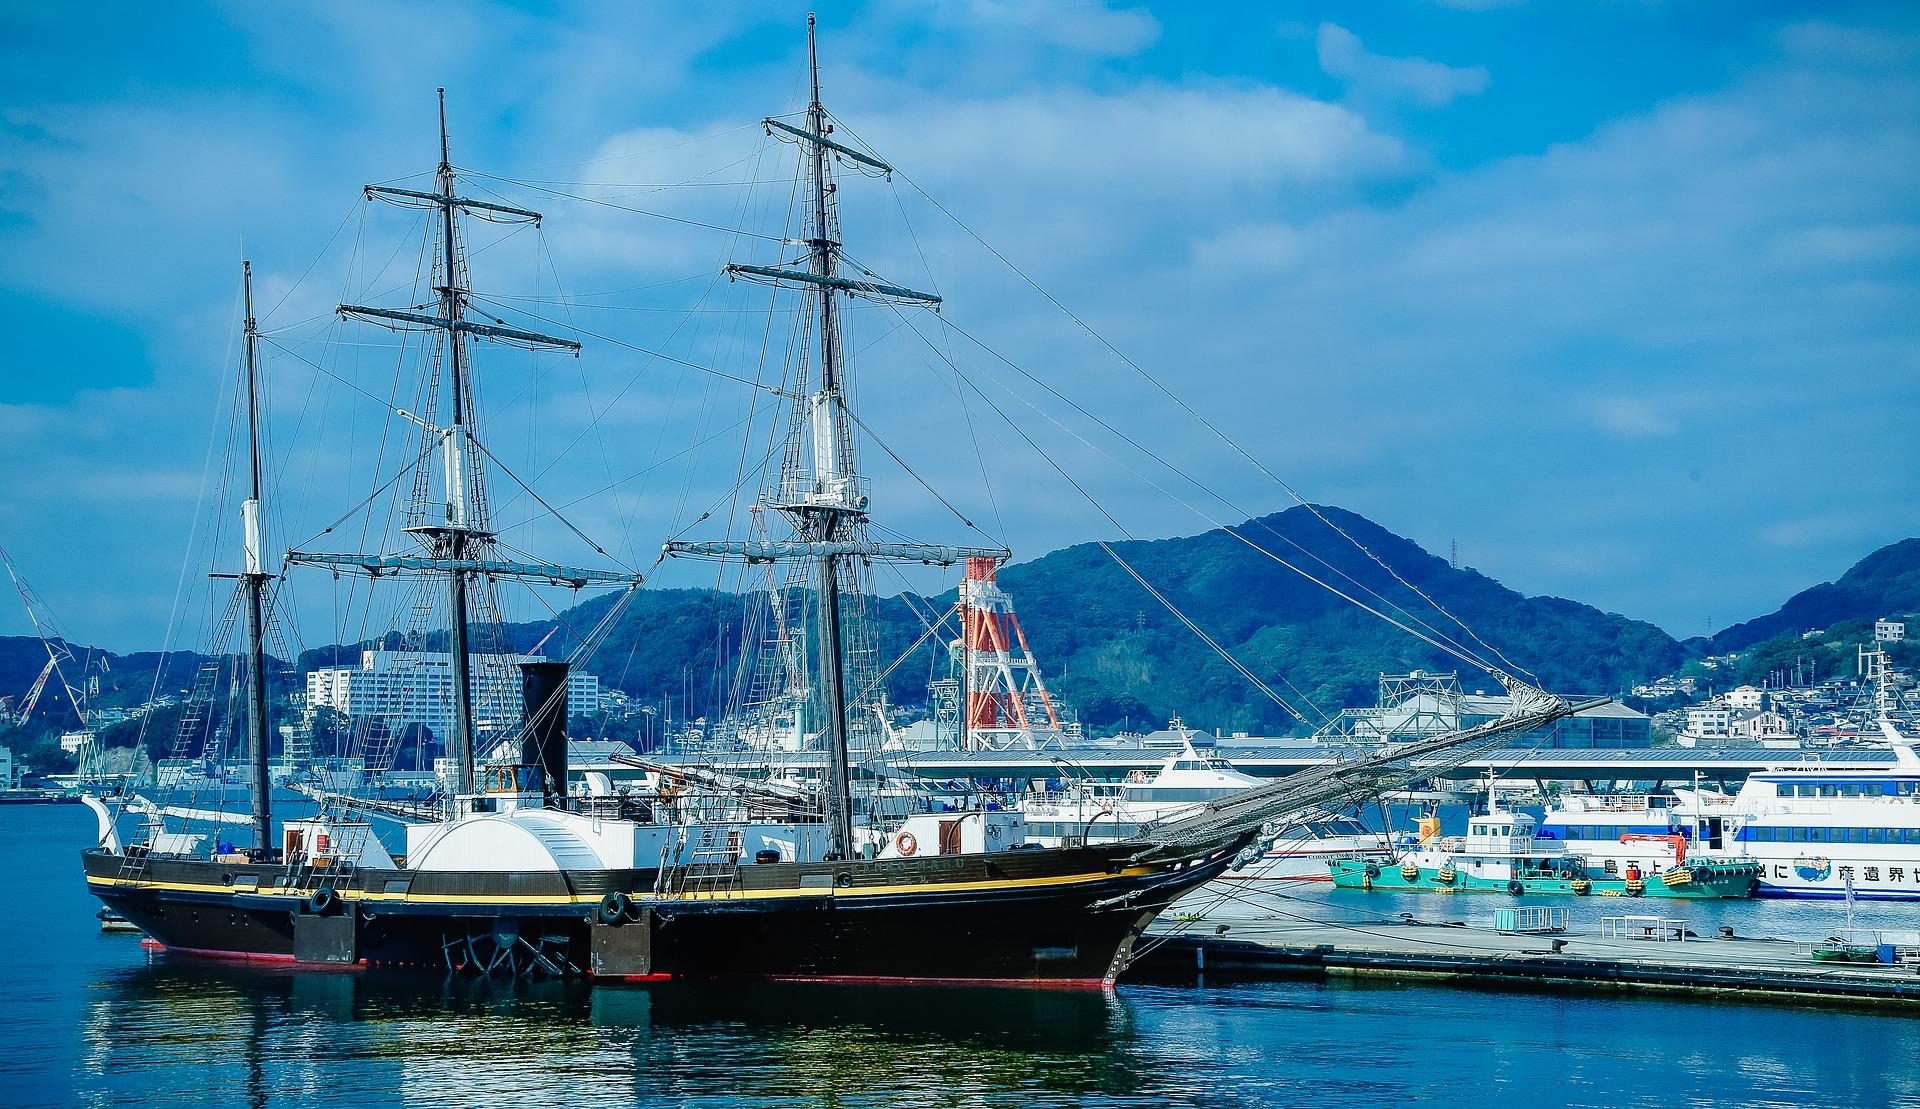 【2020年】長崎のおすすめ観光スポット23選!名所から穴場まで攻略ガイド